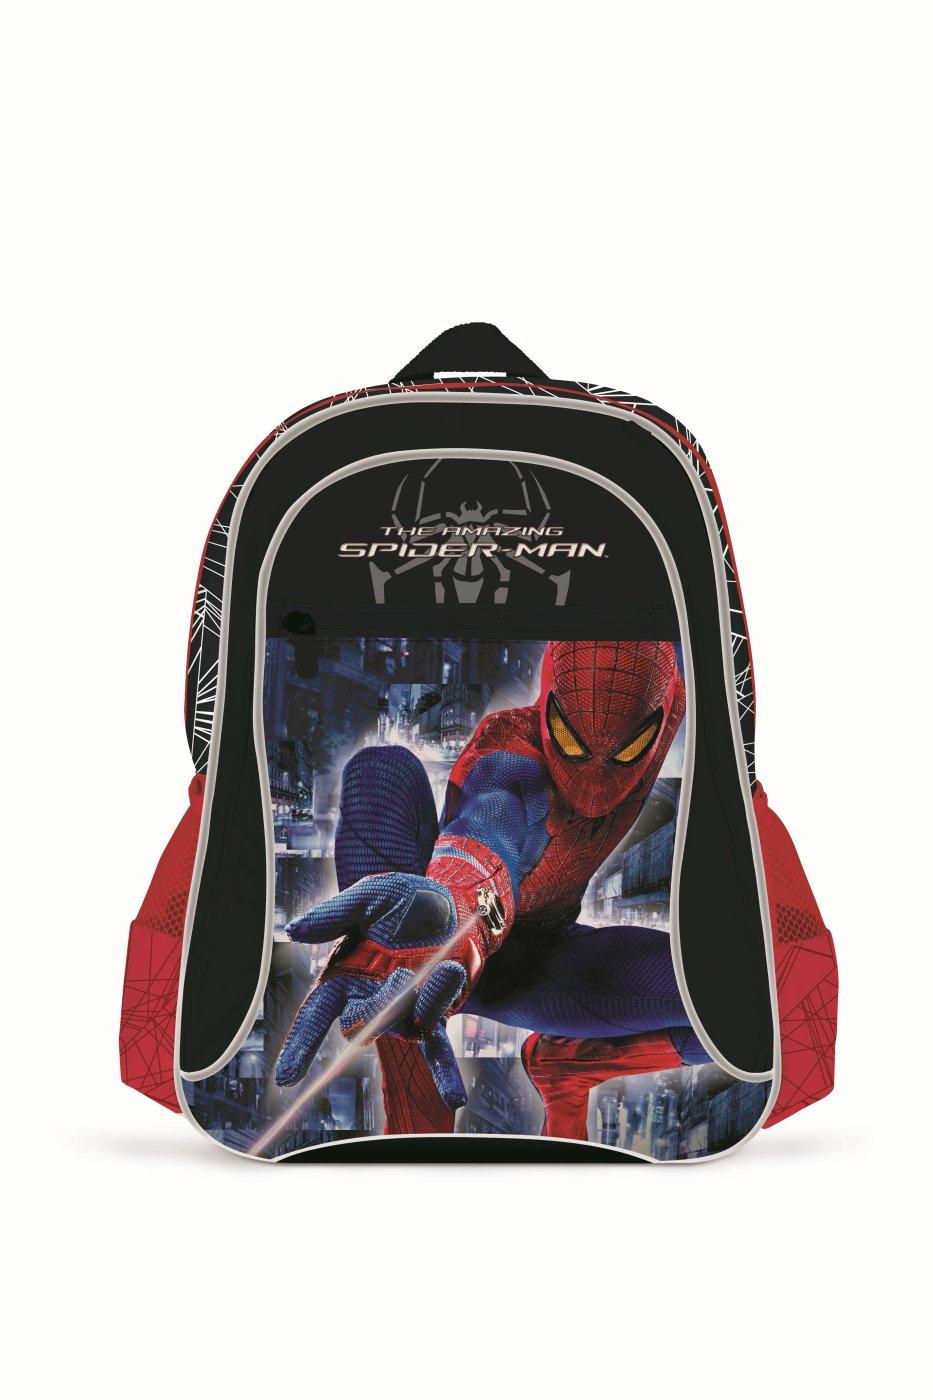 Batoh dětský Spiderman - Školní potřeby » BATOHY A AKTOVKY ... 02a70f8587